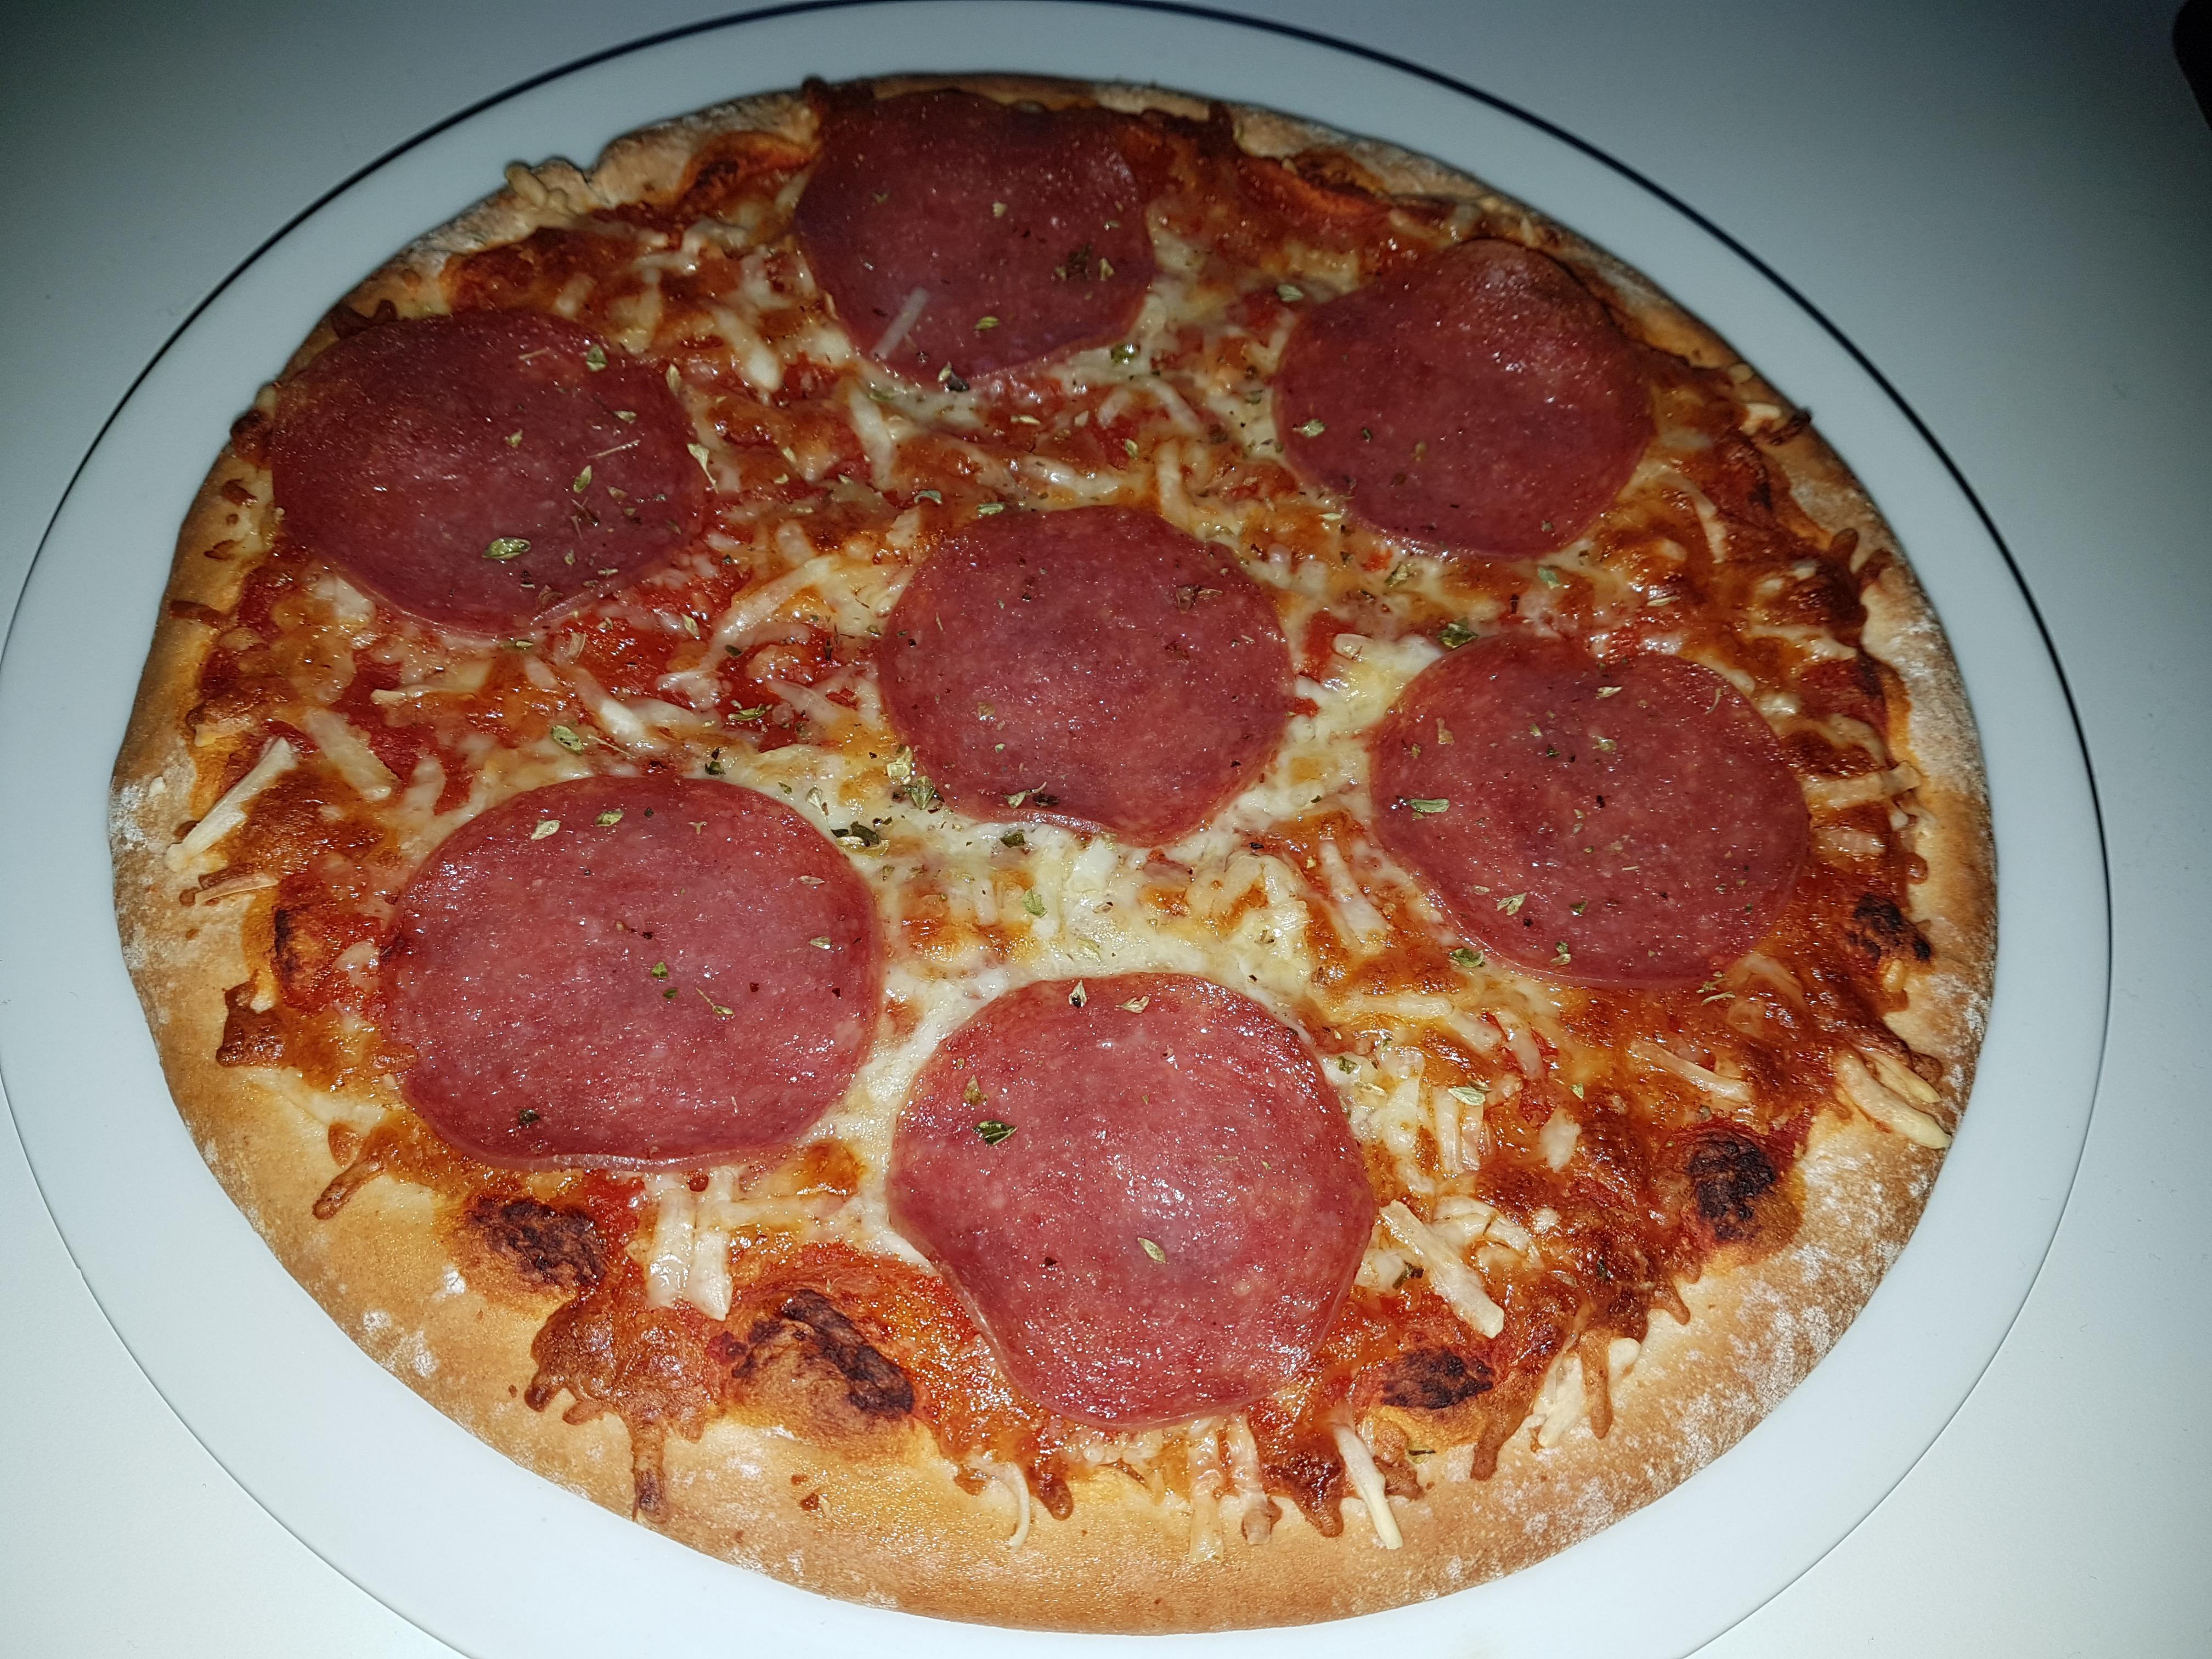 https://foodloader.net/Holz_2018-01-21_Pizza.jpg